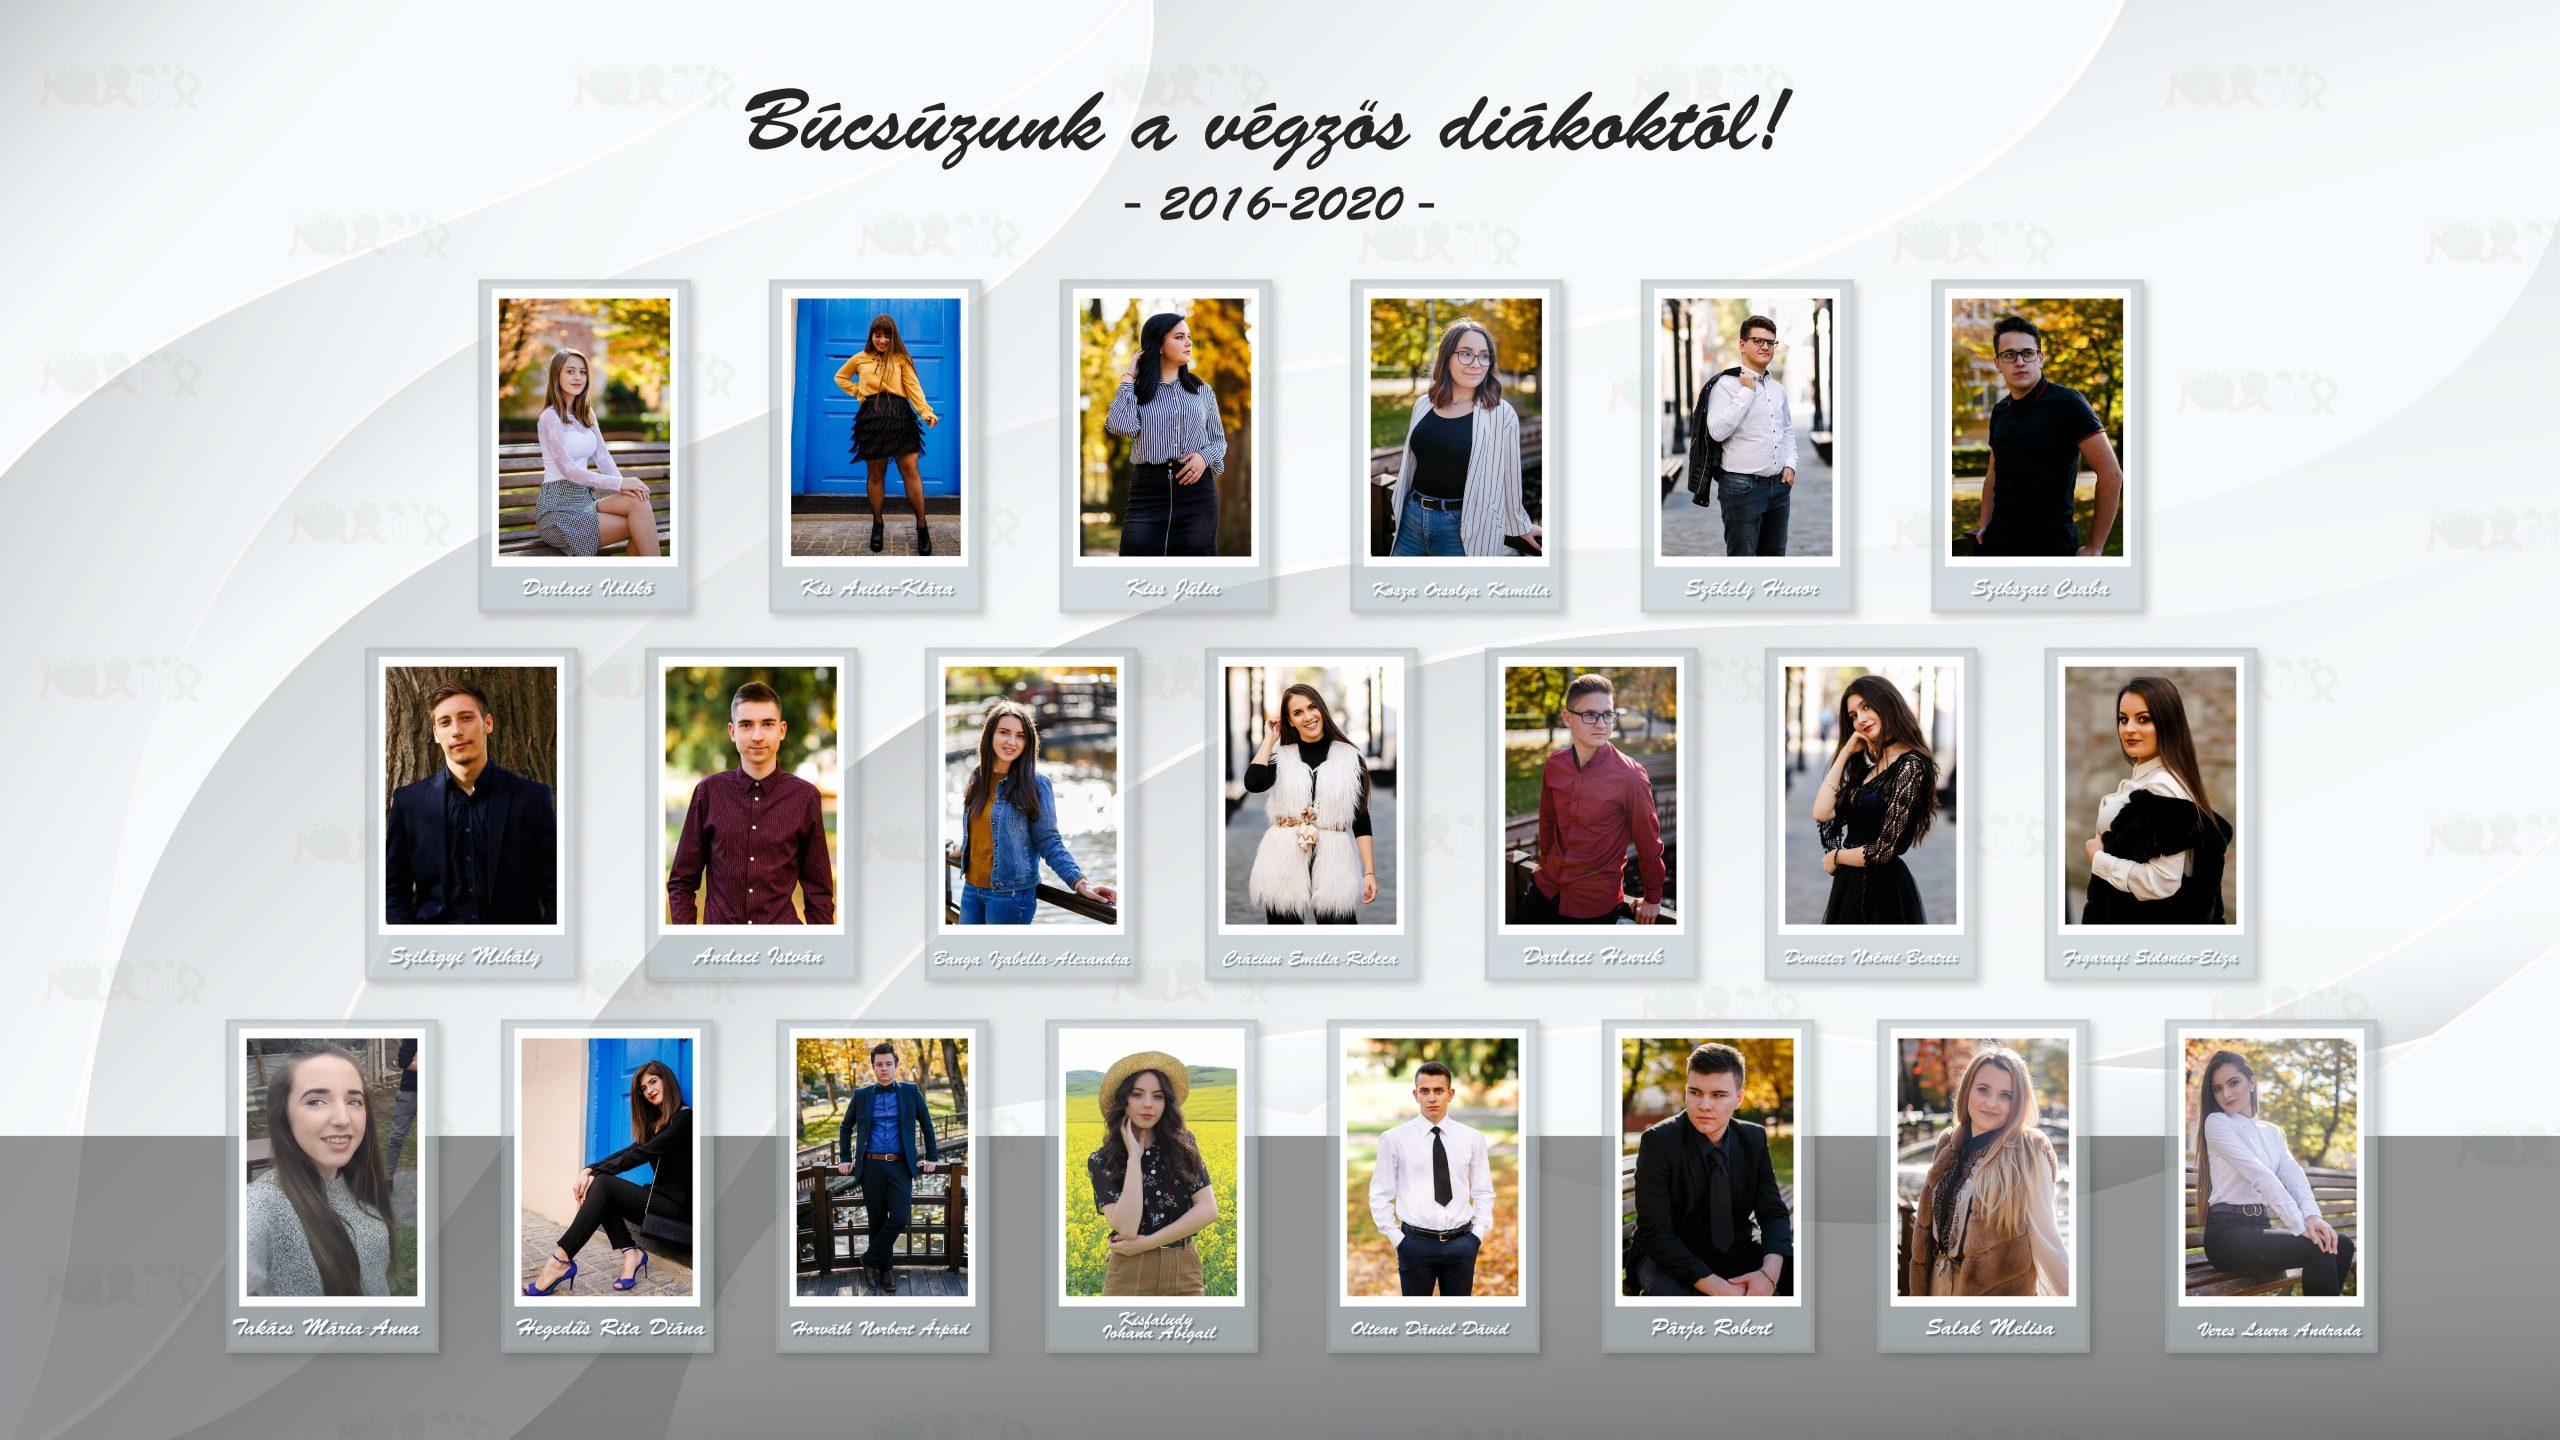 Búcsúzunk a végzős diákoktól! 2016-2020